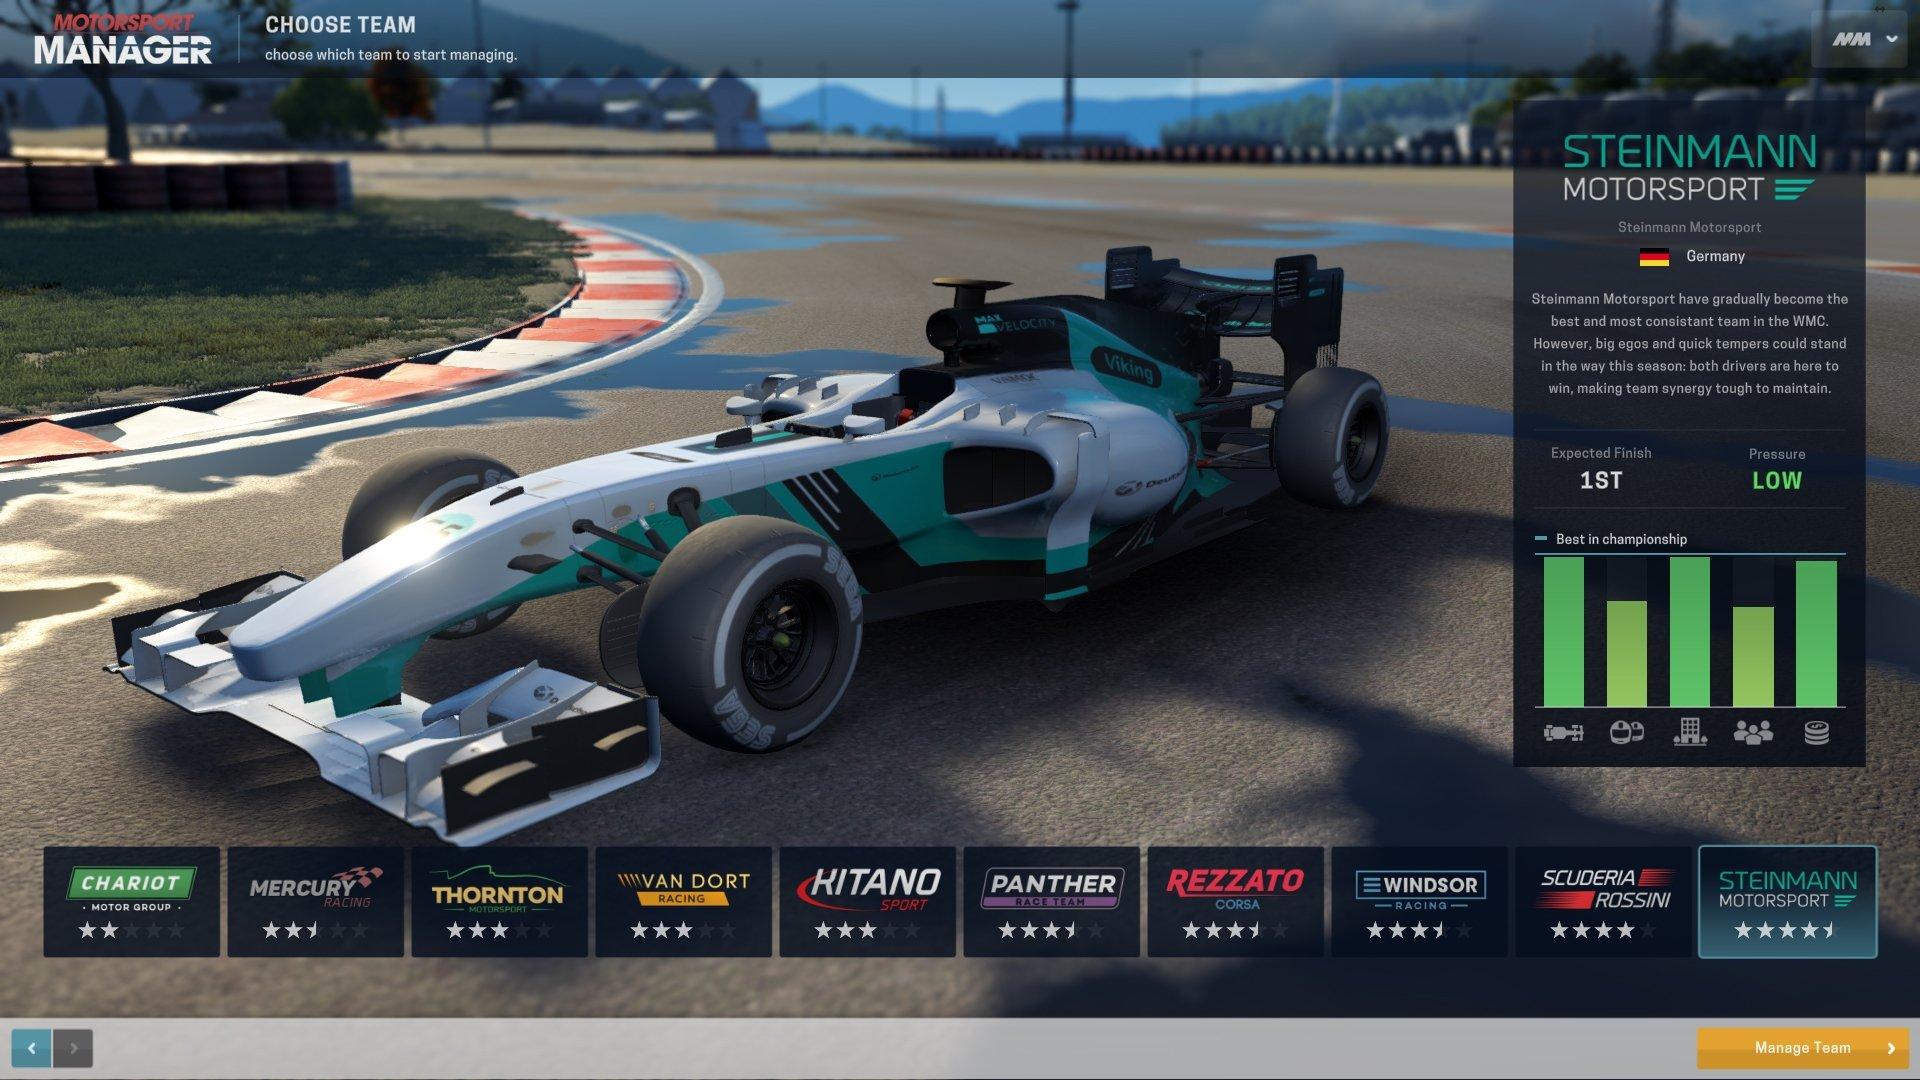 Motorsport Manager image 8